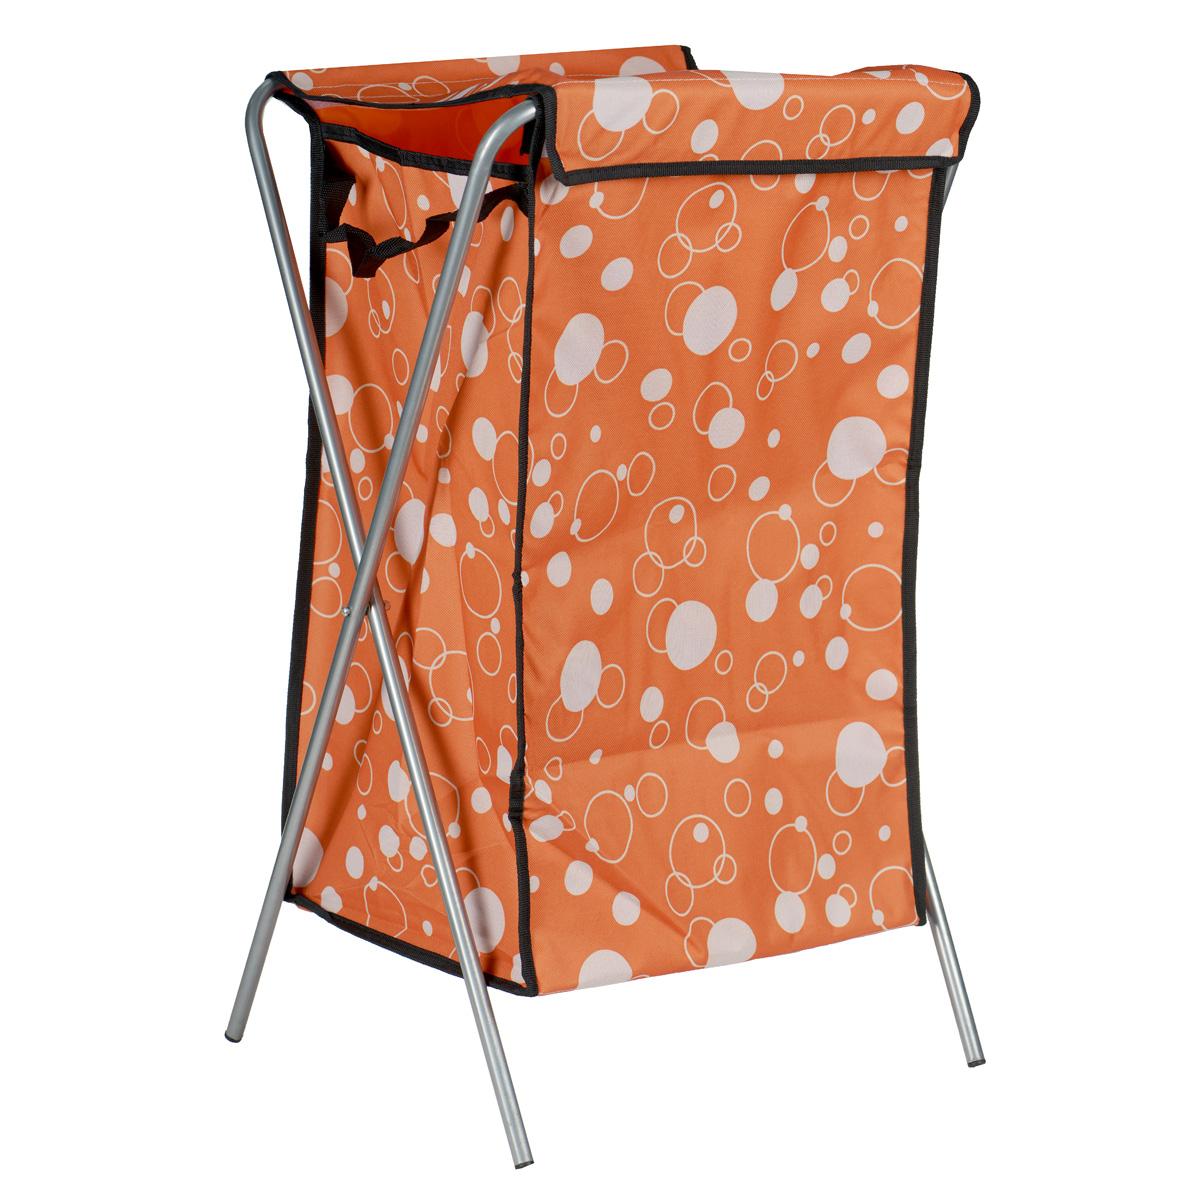 Корзина для белья Пузыри, цвет: оранжевый, 40 см х 40 см х 65 см106-029Корзина для белья изготовлена из высококачественного цветного полиэстера, декорированаярким красочным рисунком и предназначена для сбора и хранения вещей перед стиркой.Корзина имеет алюминиевый складывающийся каркас. Компактная и легкая, она не занимаетмного места, аккуратно хранит белье. Изделие оснащено крышкой из полиэстера.Такая корзина станет незаменимым аксессуаром ванной комнаты.